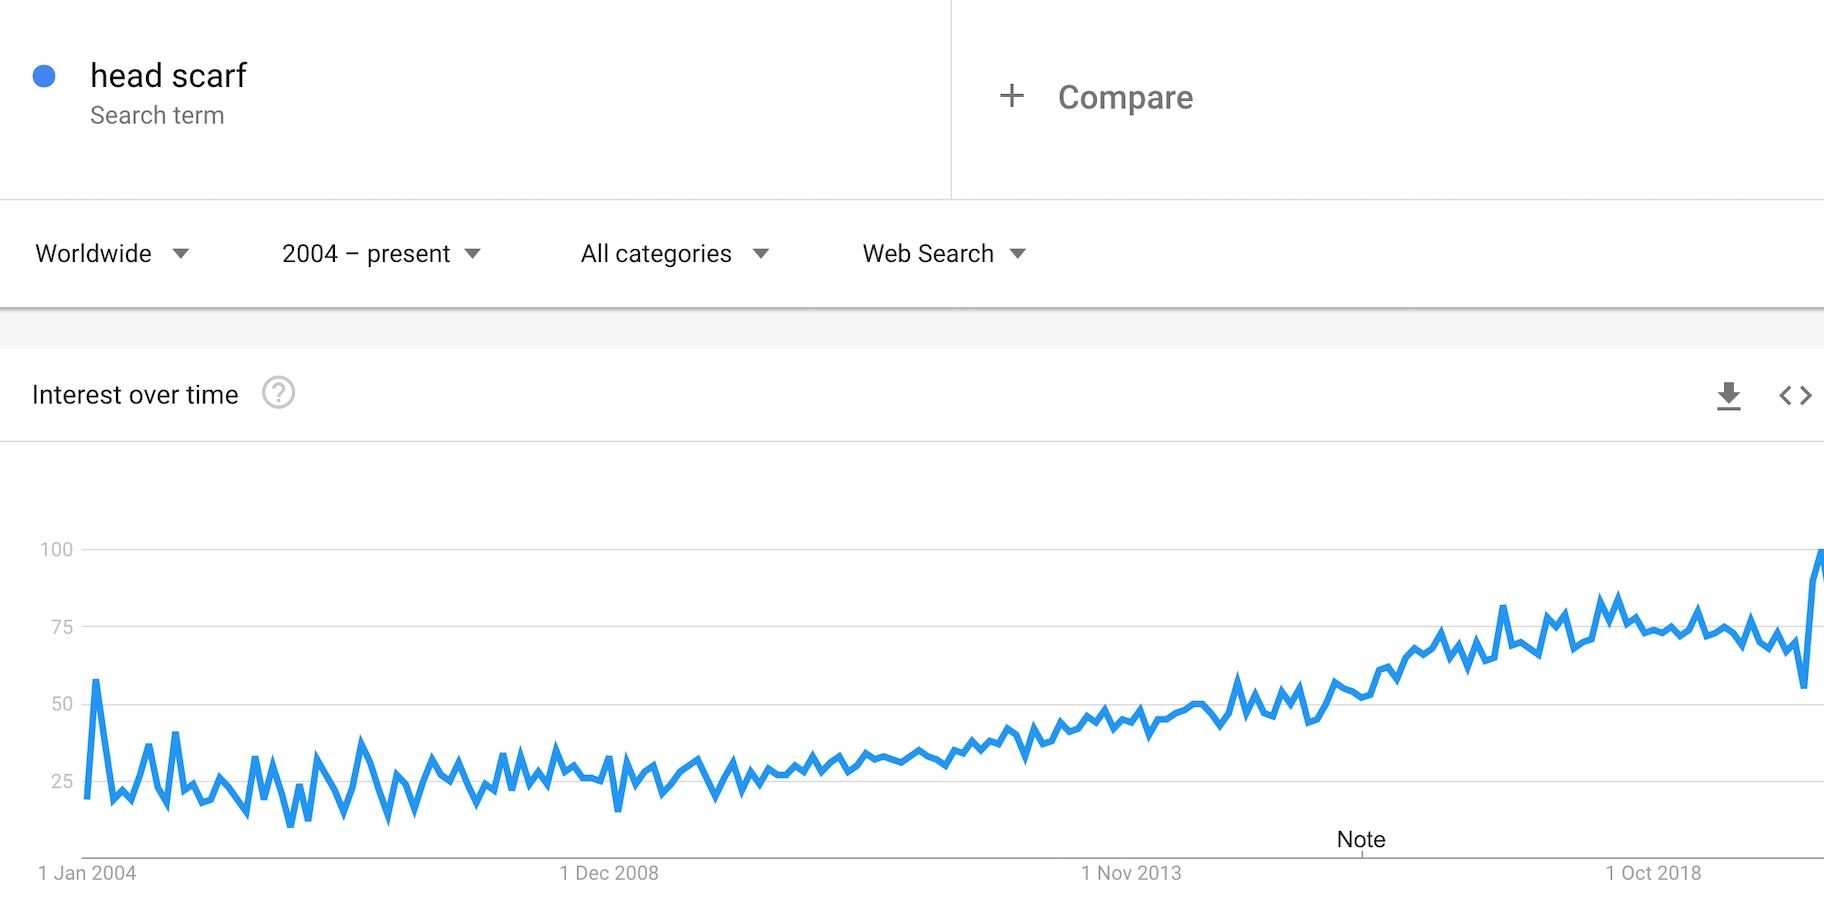 head scraf google trends